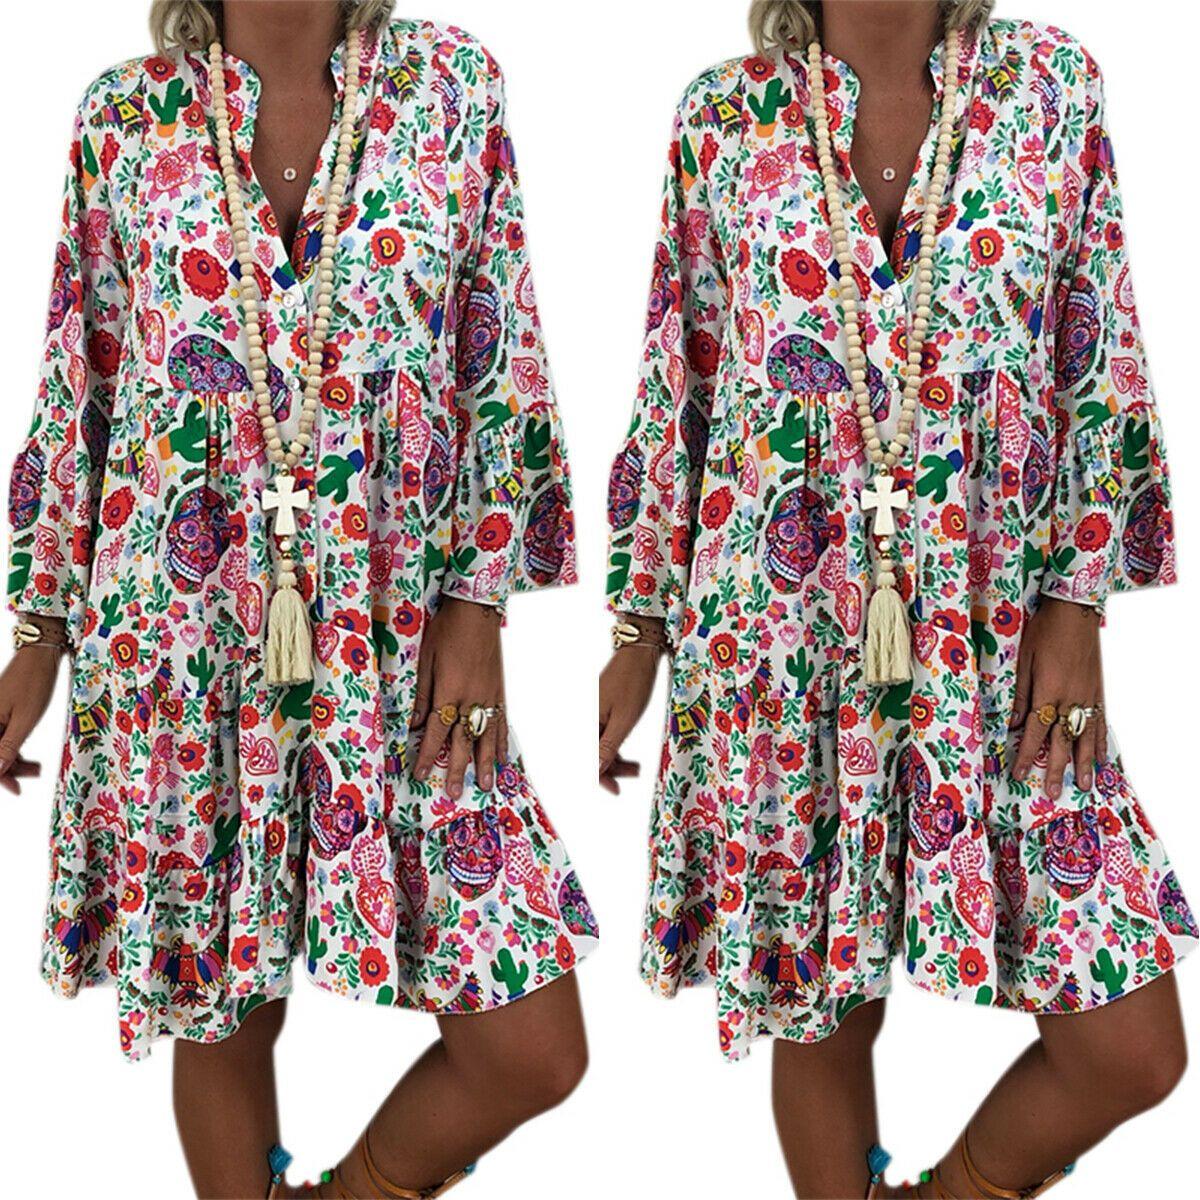 Boho Damen Blume Maxikleid Lang Sommerkleid Strandkleid Casual Tunika Kleid 42